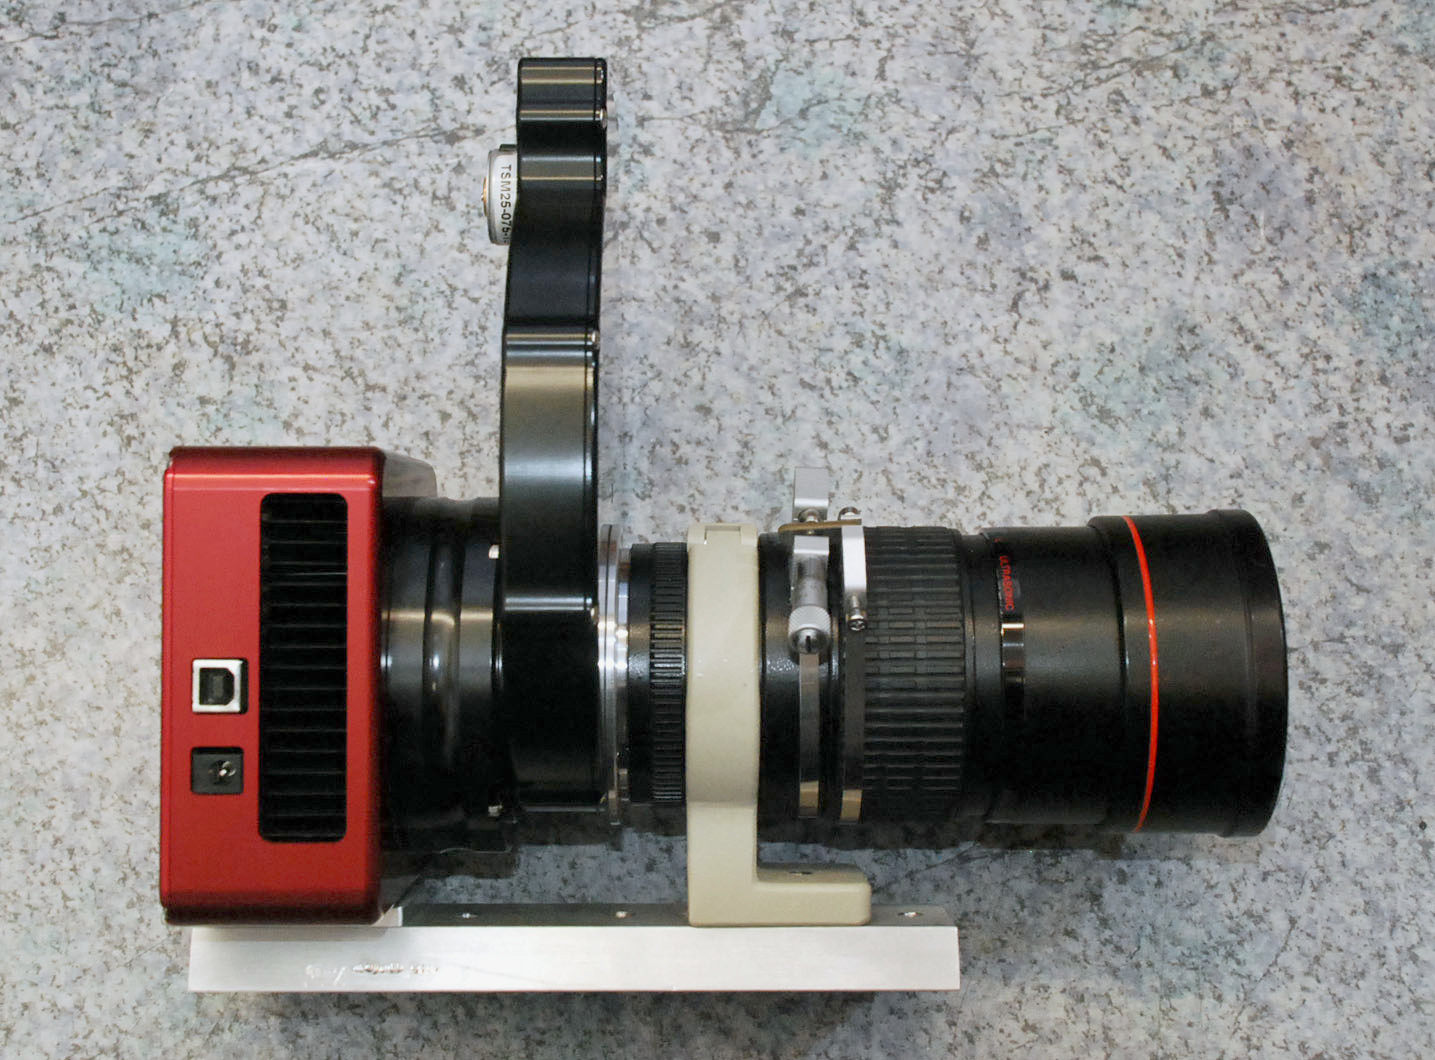 Atik 383 mit EFW-2 und Canon EF 200 mm L